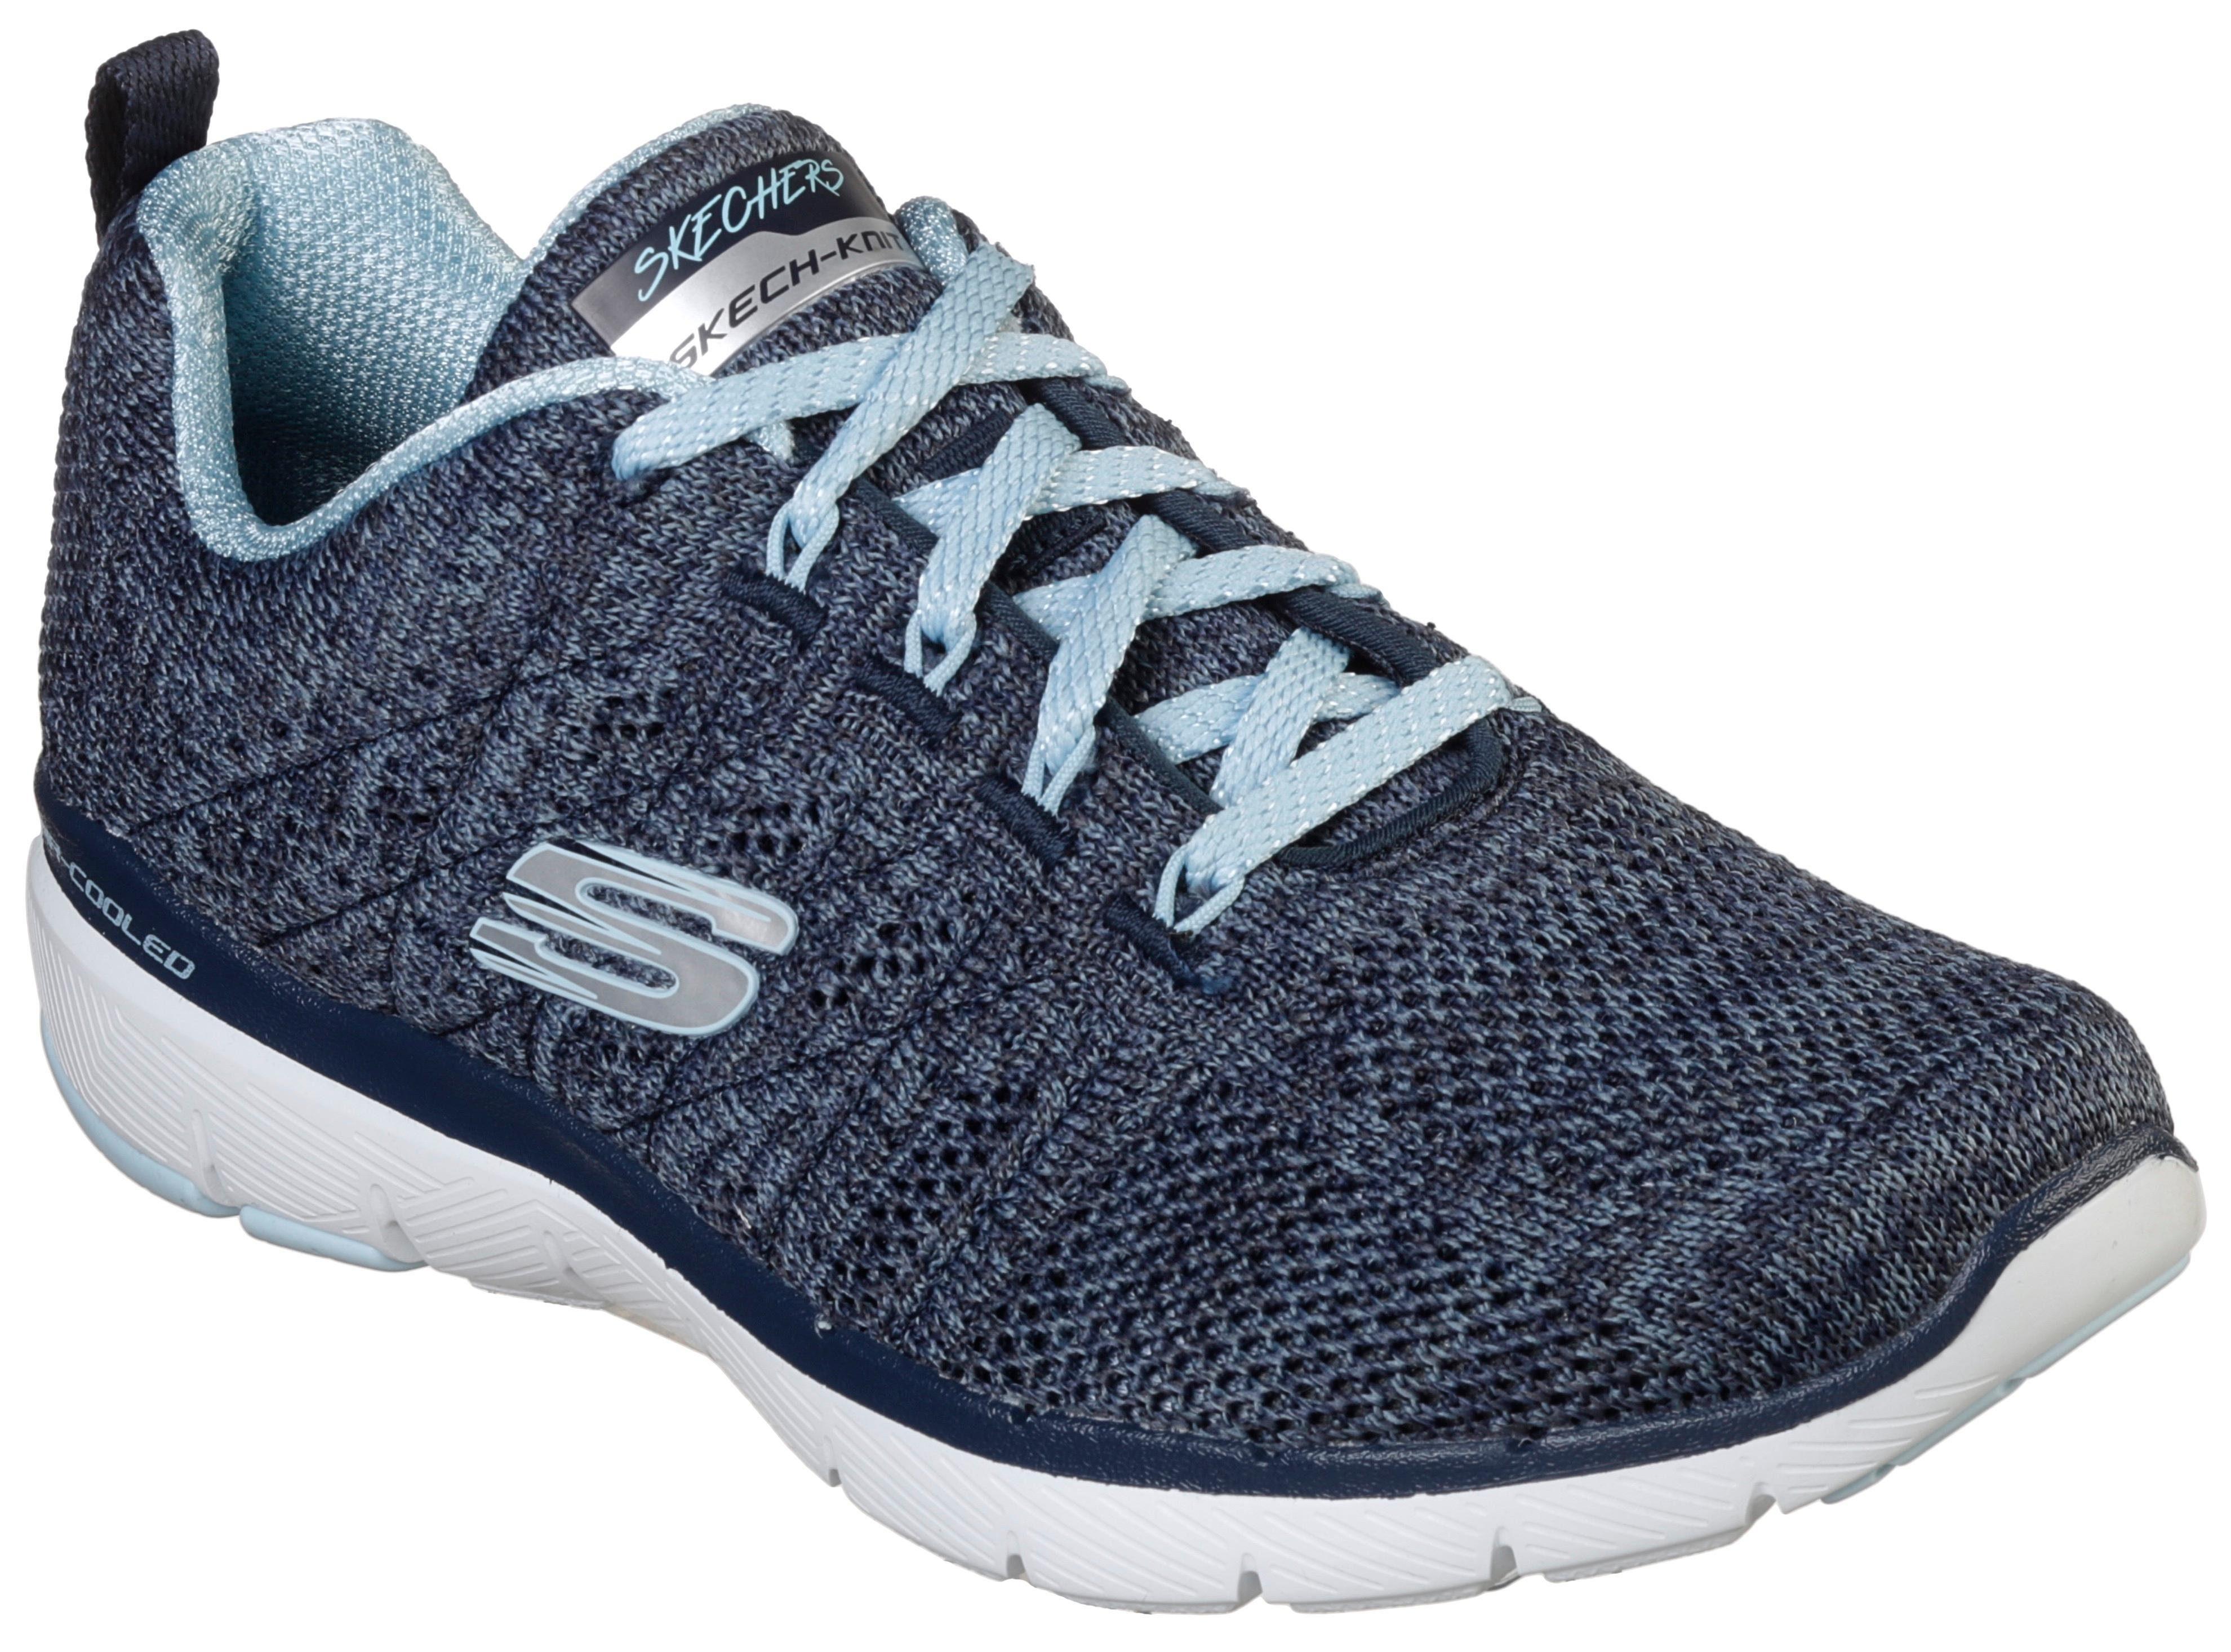 Skechers »Flex Appeal 3.0 High Tides« Sneaker in toller Farbkombi online kaufen | OTTO